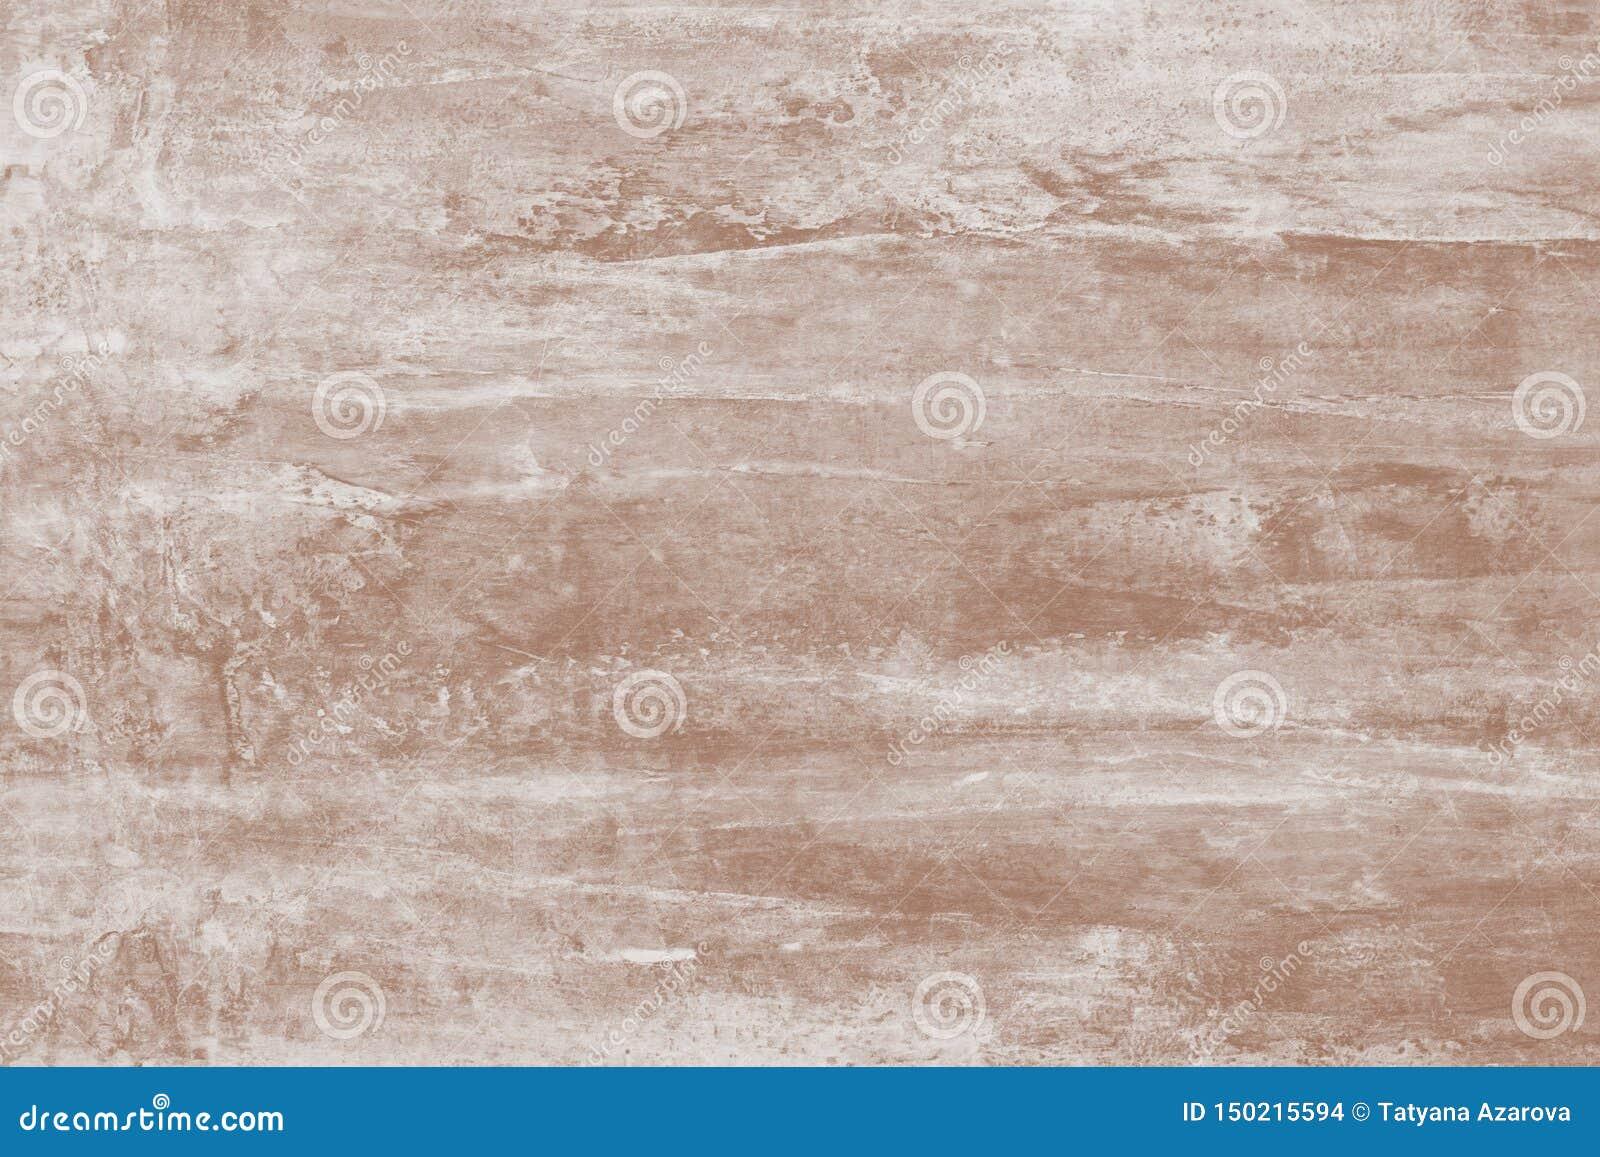 Pintura, desenho Teste padrão abstrato da pintura de claro - marrom com manchas Fundo marrom macio da lona Ilustração com manchas